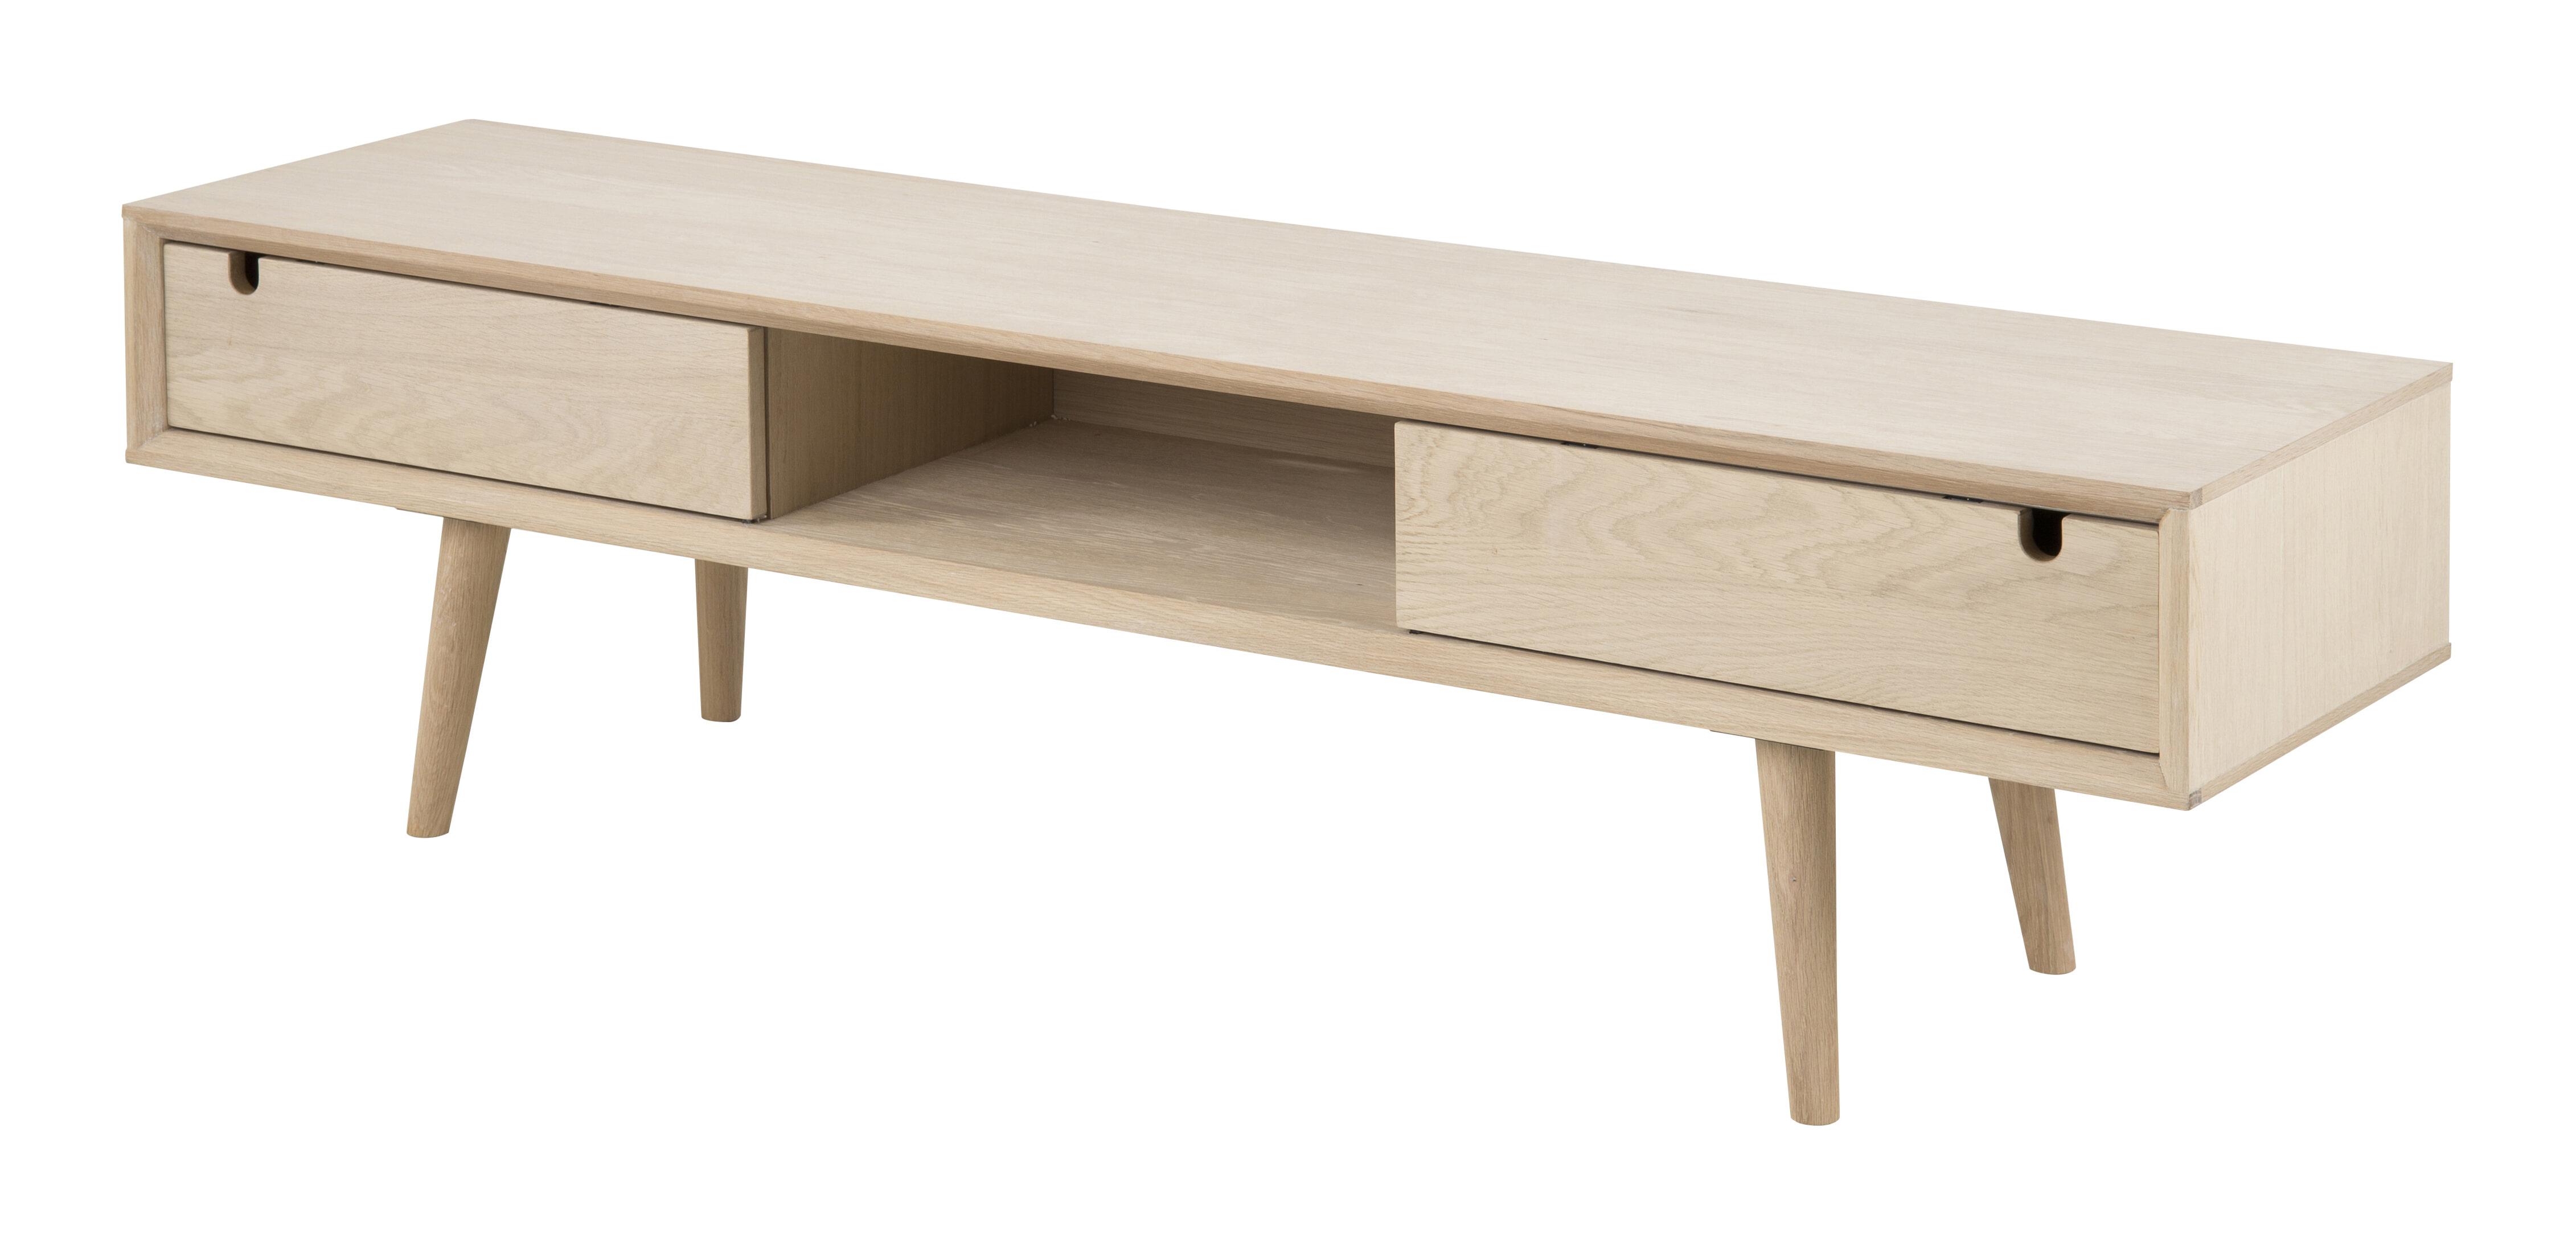 Bendt TV-meubel 'Sigfred' eiken, 160cm